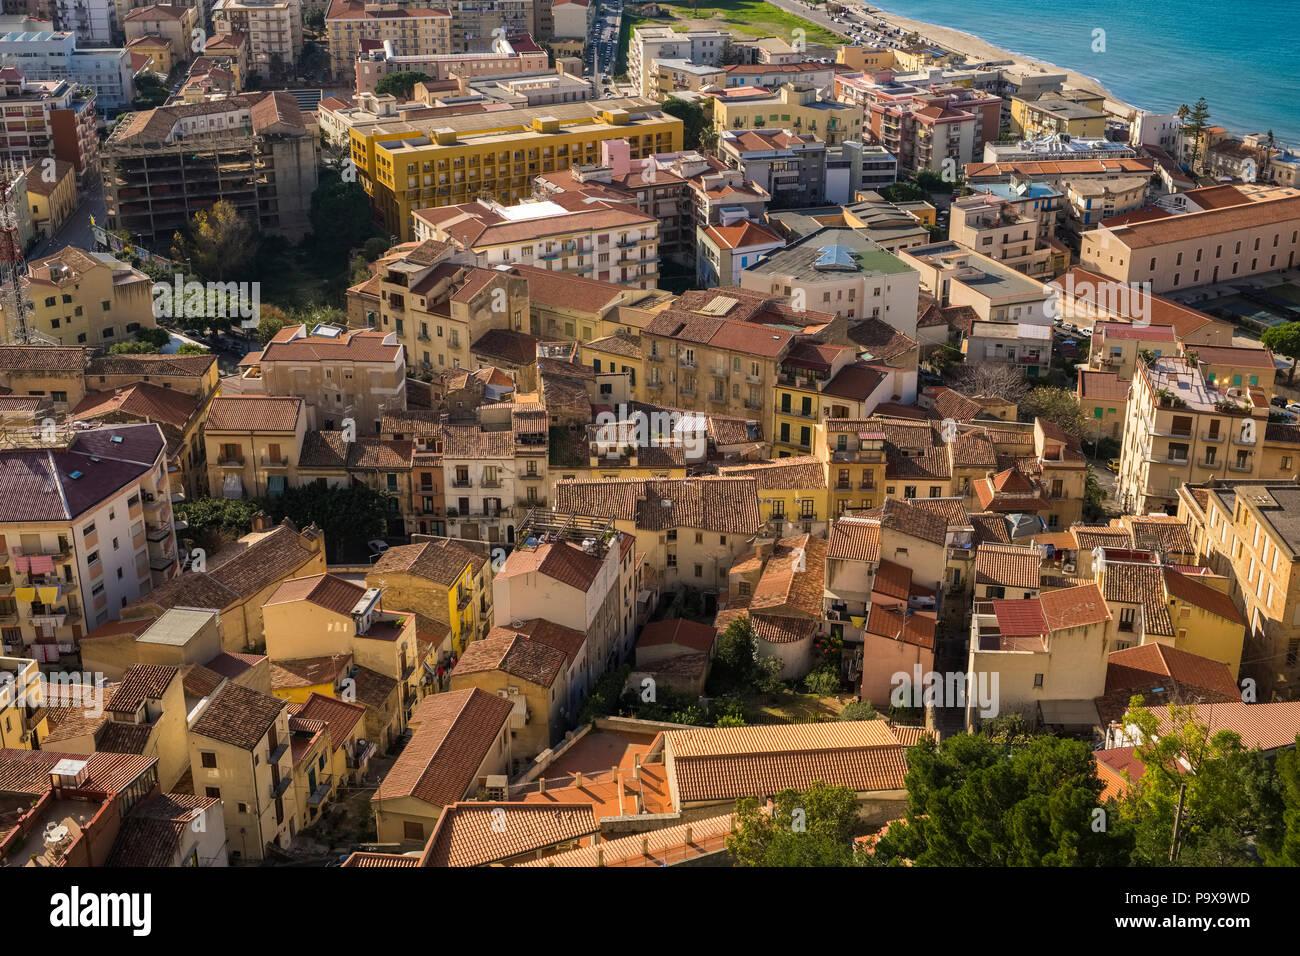 Vista aerea dell'architettura della fitta pranzo città di Cefalù, Sicilia, Italia, Europa Immagini Stock